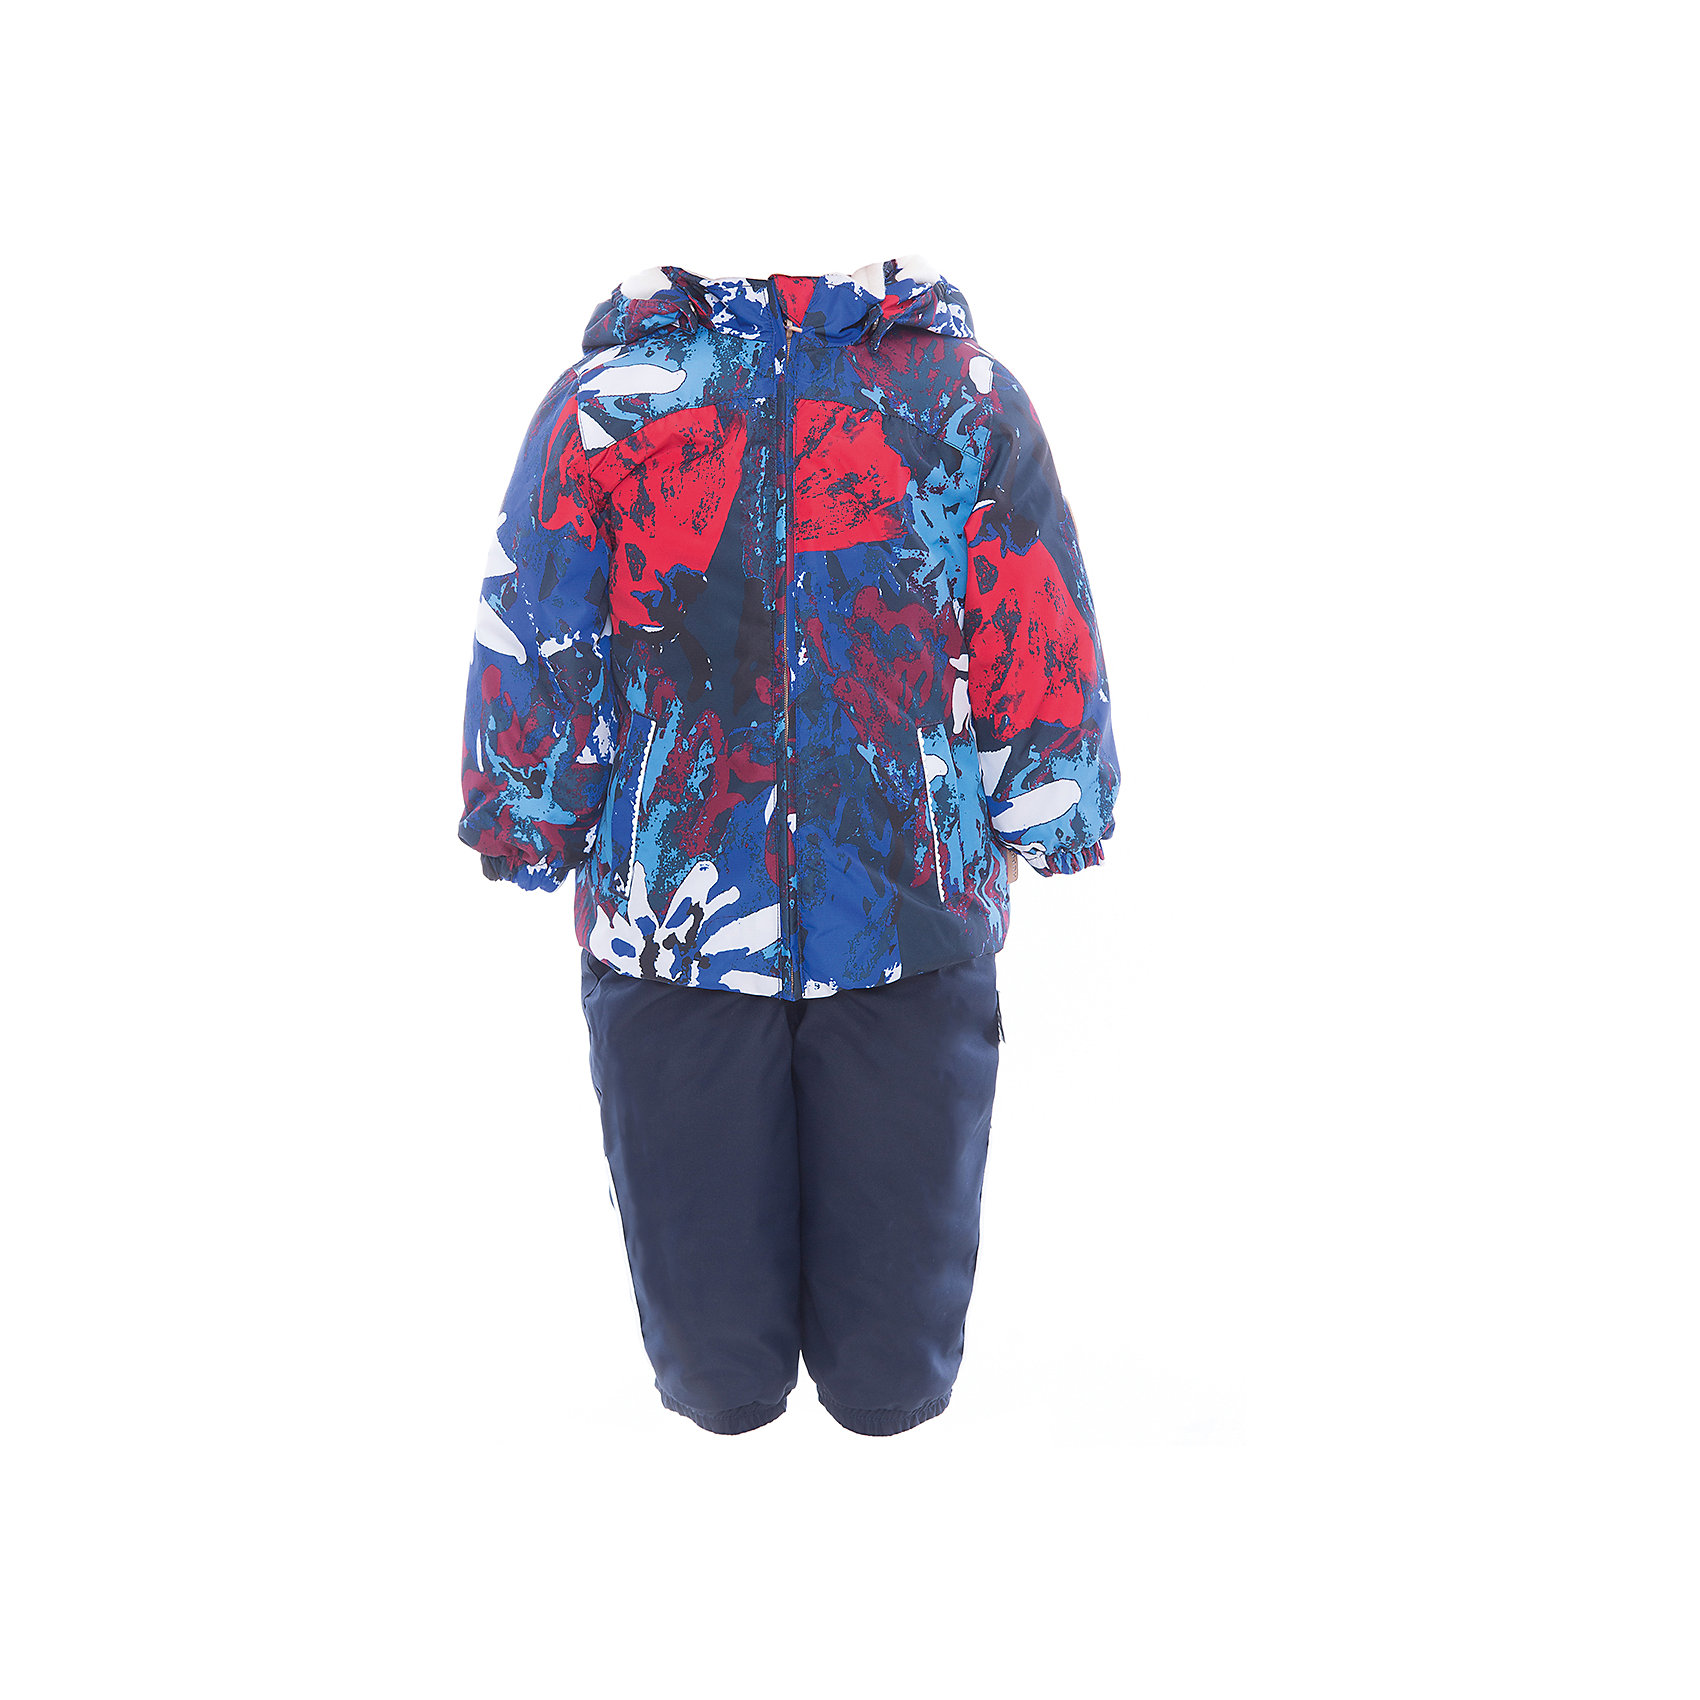 Комплект: куртка и полукомбинезон для девочки CLARA HuppaВерхняя одежда<br>Характеристики товара:<br><br>• цвет: синий принт/тёмно-синий<br>• комплектация: куртка и полукомбинезон <br>• ткань: 100% полиэстер<br>• подкладка: Coral-fleece смесь хлопка и полиэстера, в рукавах - тафта 100% полиэстер<br>• утеплитель: 100% полиэстер; куртка 100 г, полукомбинезон 40 г<br>• температурный режим: от -5°С до +10°С<br>• водонепроницаемость: верх - 5000 мм, низ - 10000 мм<br>• воздухопроницаемость: верх - 5000 мм, низ - 10000 мм<br>• светоотражающие детали<br>• шов сидения проклеен<br>• съёмный капюшон с резинкой<br>• эластичные манжеты на рукавах<br>• манжеты брюк с резинкой<br>• съёмные эластичные штрипки<br>• без внутренних швов<br>• резиновые подтяжки<br>• коллекция: весна-лето 2017<br>• страна бренда: Эстония<br><br>Такой модный демисезонный комплект  обеспечит детям тепло и комфорт. Он сделан из материала, отталкивающего воду, и дополнен подкладкой с утеплителем, поэтому изделие идеально подходит для межсезонья. Материал изделий - с мембранной технологией: защищая от влаги и ветра, он легко выводит лишнюю влагу наружу. Комплект очень симпатично смотрится. <br><br>Одежда и обувь от популярного эстонского бренда Huppa - отличный вариант одеть ребенка можно и комфортно. Вещи, выпускаемые компанией, качественные, продуманные и очень удобные. Для производства изделий используются только безопасные для детей материалы. Продукция от Huppa порадует и детей, и их родителей!<br><br>Комплект: куртка и полукомбинезон CLARA от бренда Huppa (Хуппа) можно купить в нашем интернет-магазине.<br><br>Ширина мм: 356<br>Глубина мм: 10<br>Высота мм: 245<br>Вес г: 519<br>Цвет: синий<br>Возраст от месяцев: 36<br>Возраст до месяцев: 48<br>Пол: Женский<br>Возраст: Детский<br>Размер: 104,110,86,92,98,80<br>SKU: 5346594